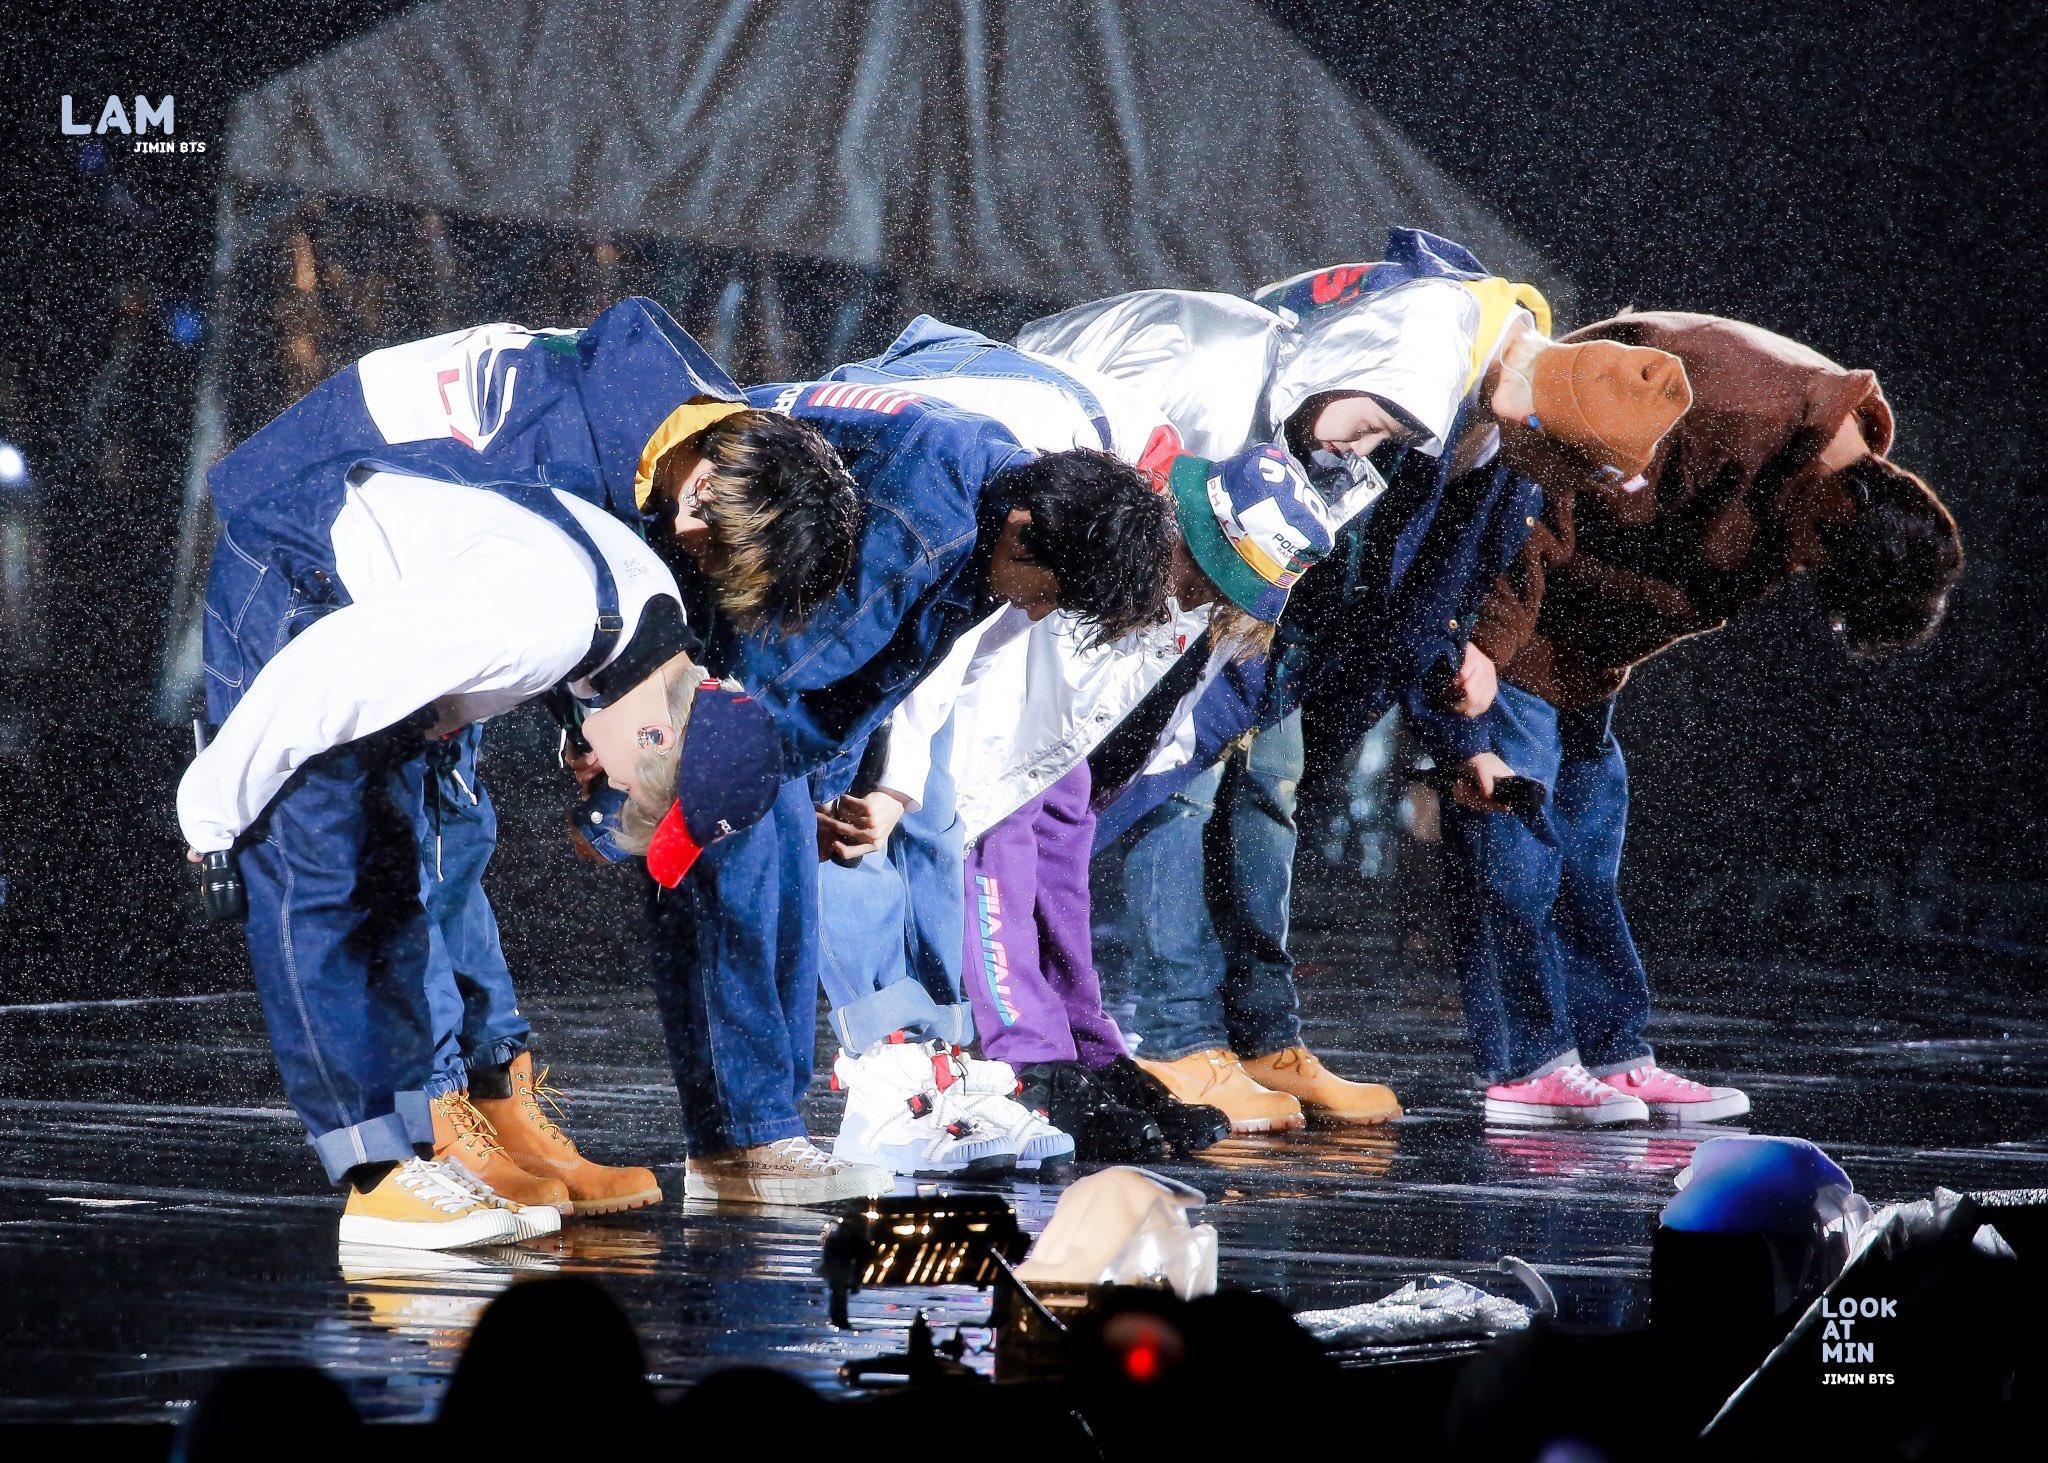 BTS Sukses Menggelar Fanmeet Muster Volume 5 Magic Shop di Chiba Jepang, Meski Hujan Mengguyur Seharian.